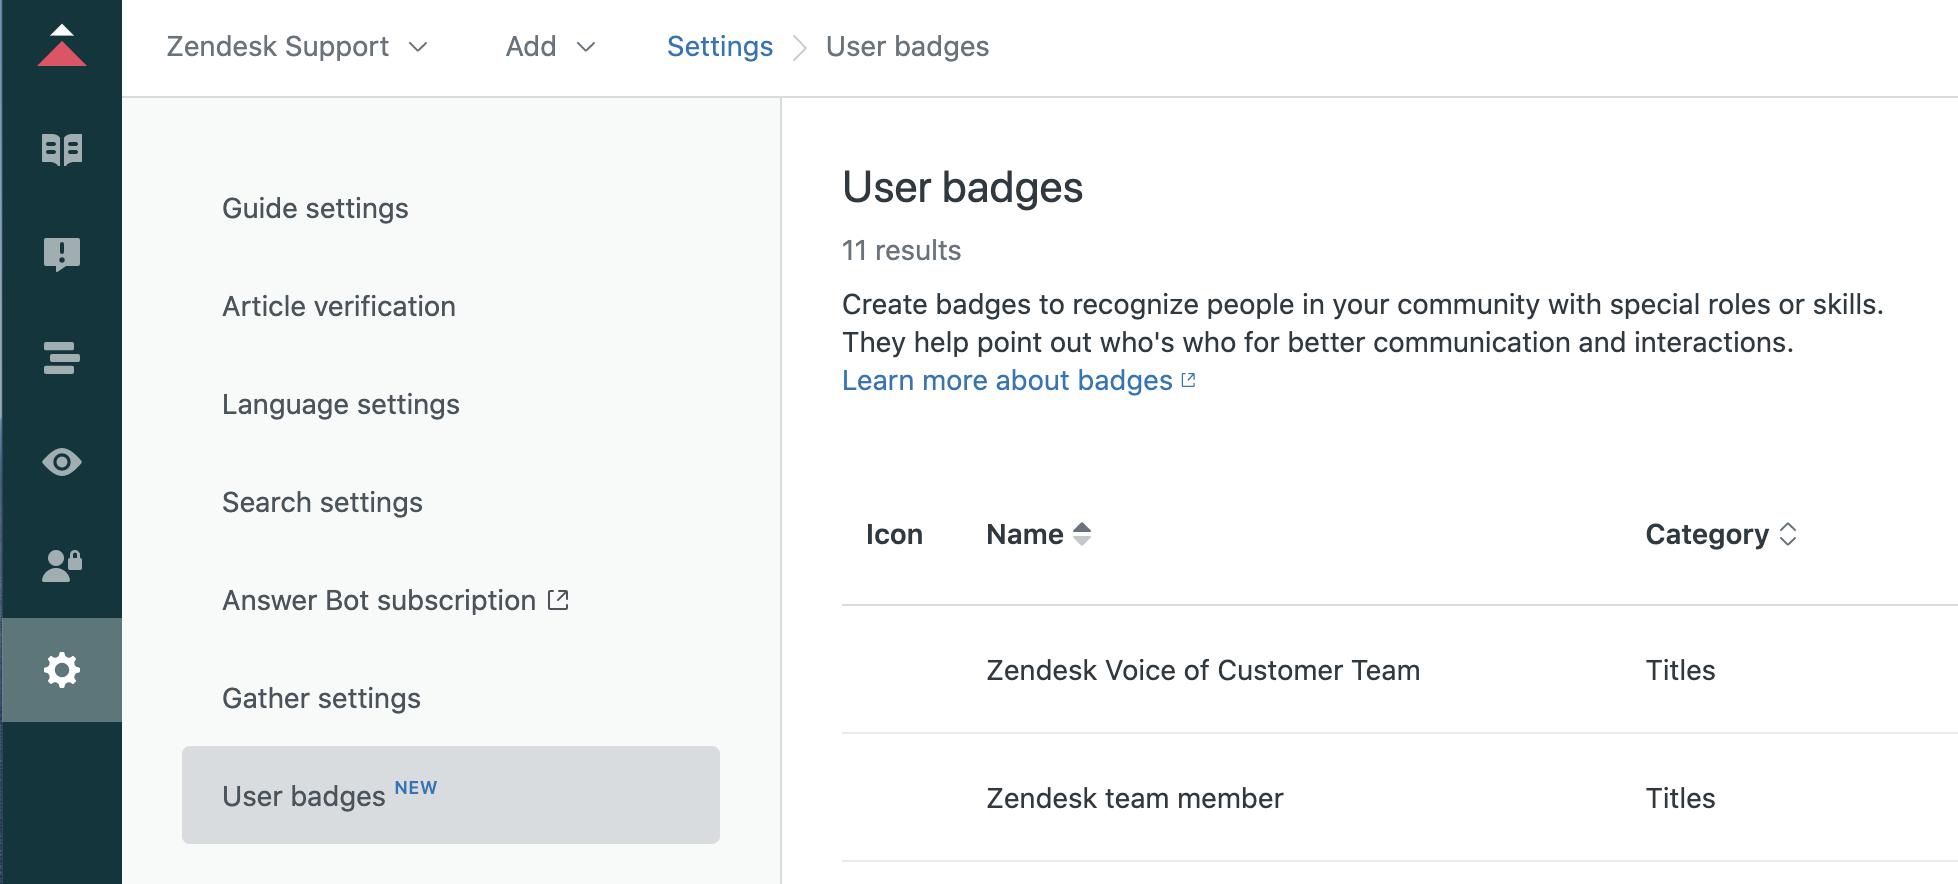 gather_badges_user_badges.png